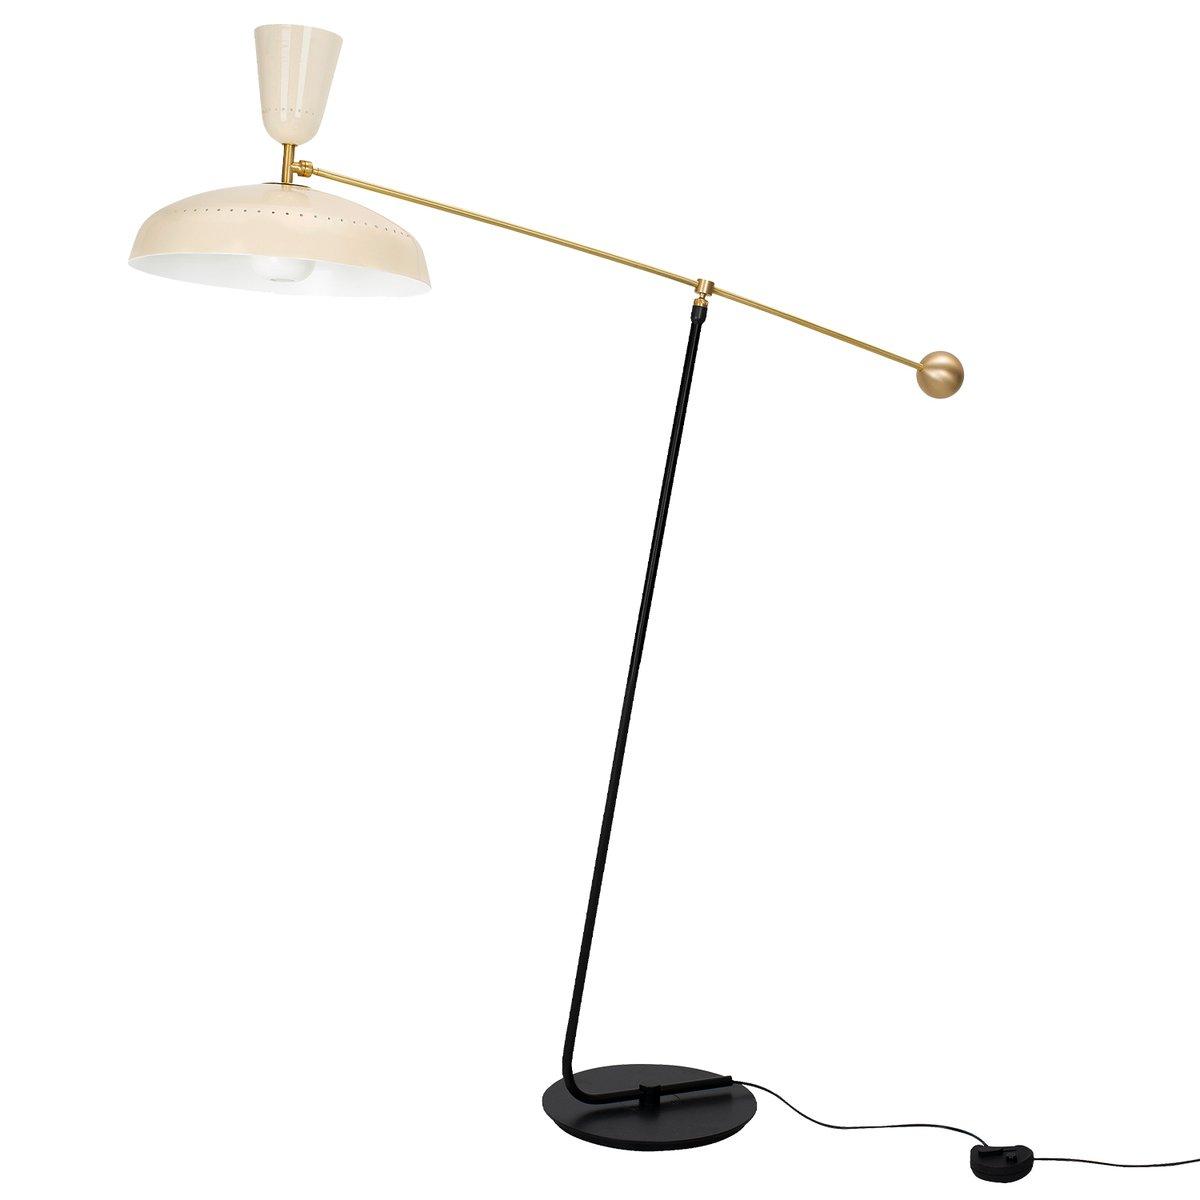 Sammode G1 Floor Lamp, Chalk